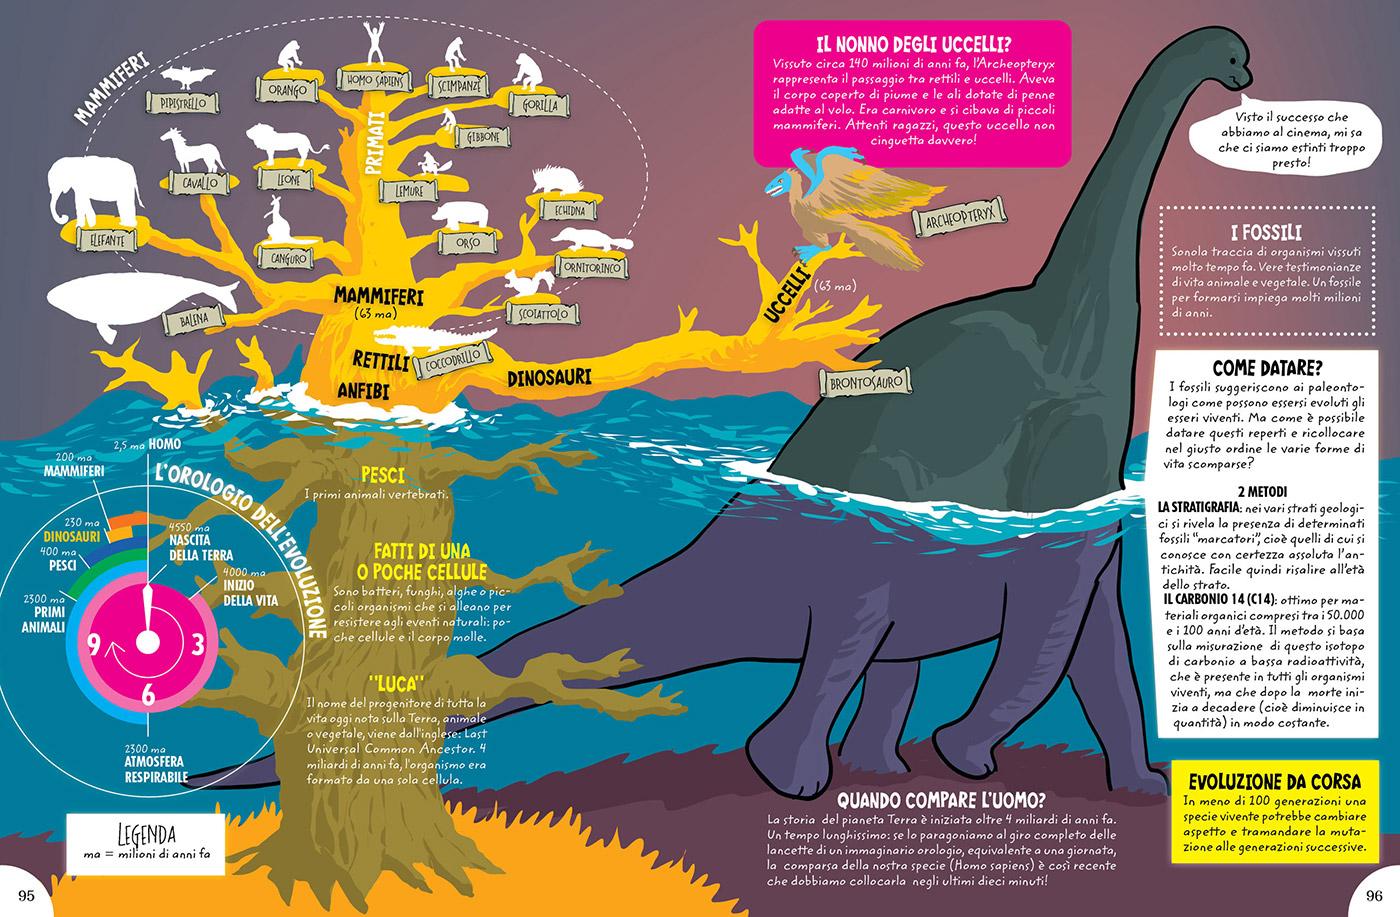 albero dell'evoluzione